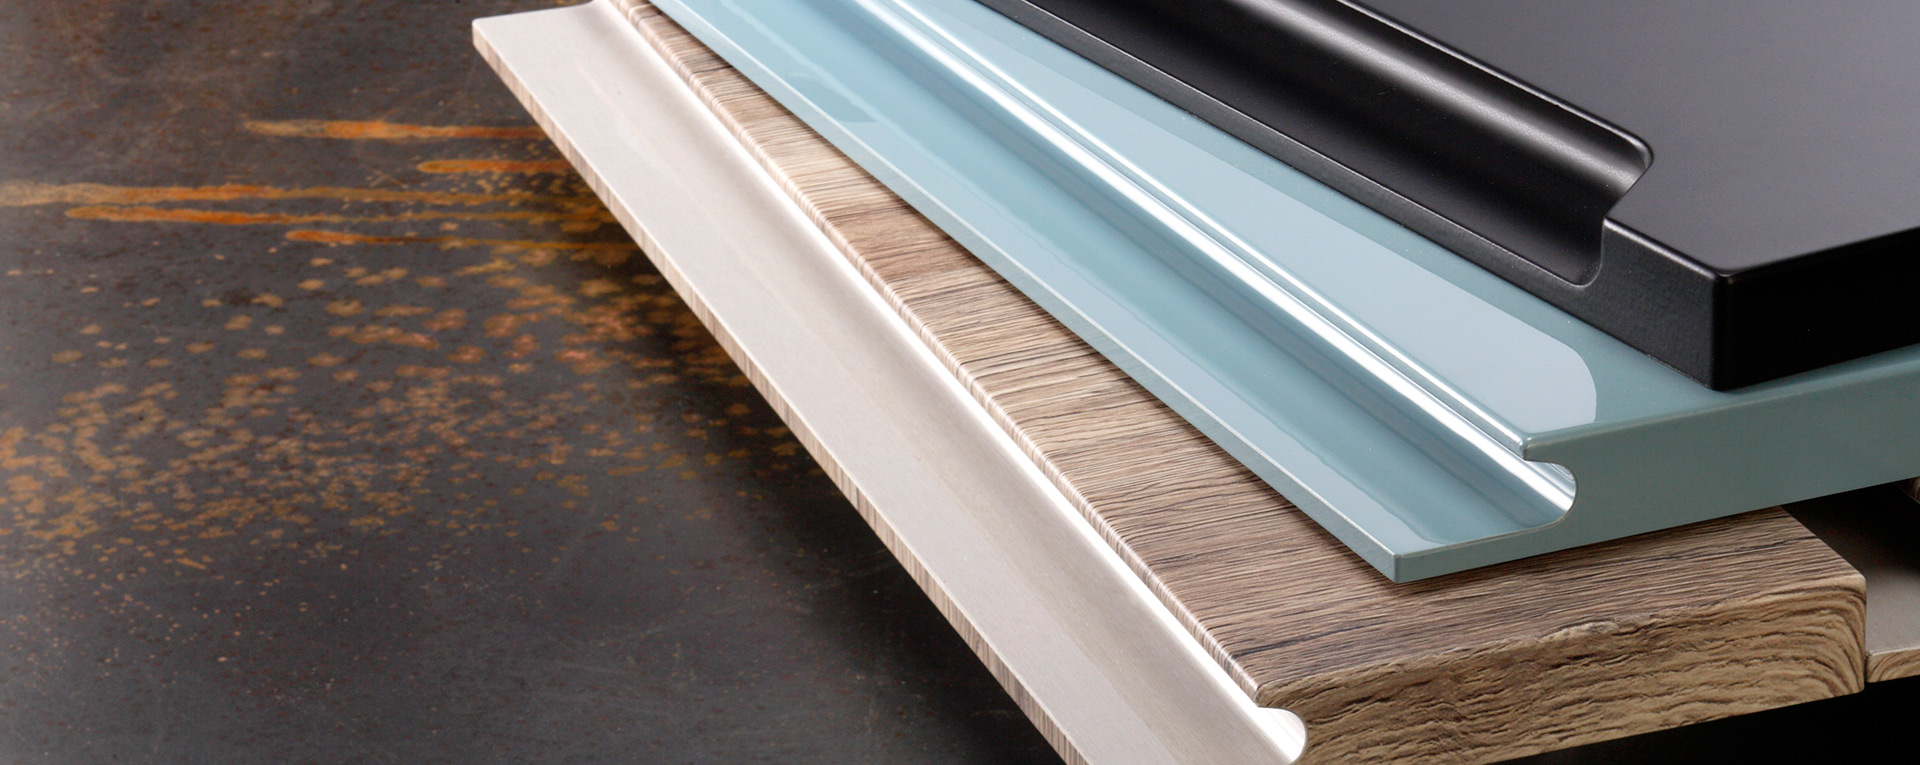 La torniveneta produce ante e antine in legno accessori for Industria mobili